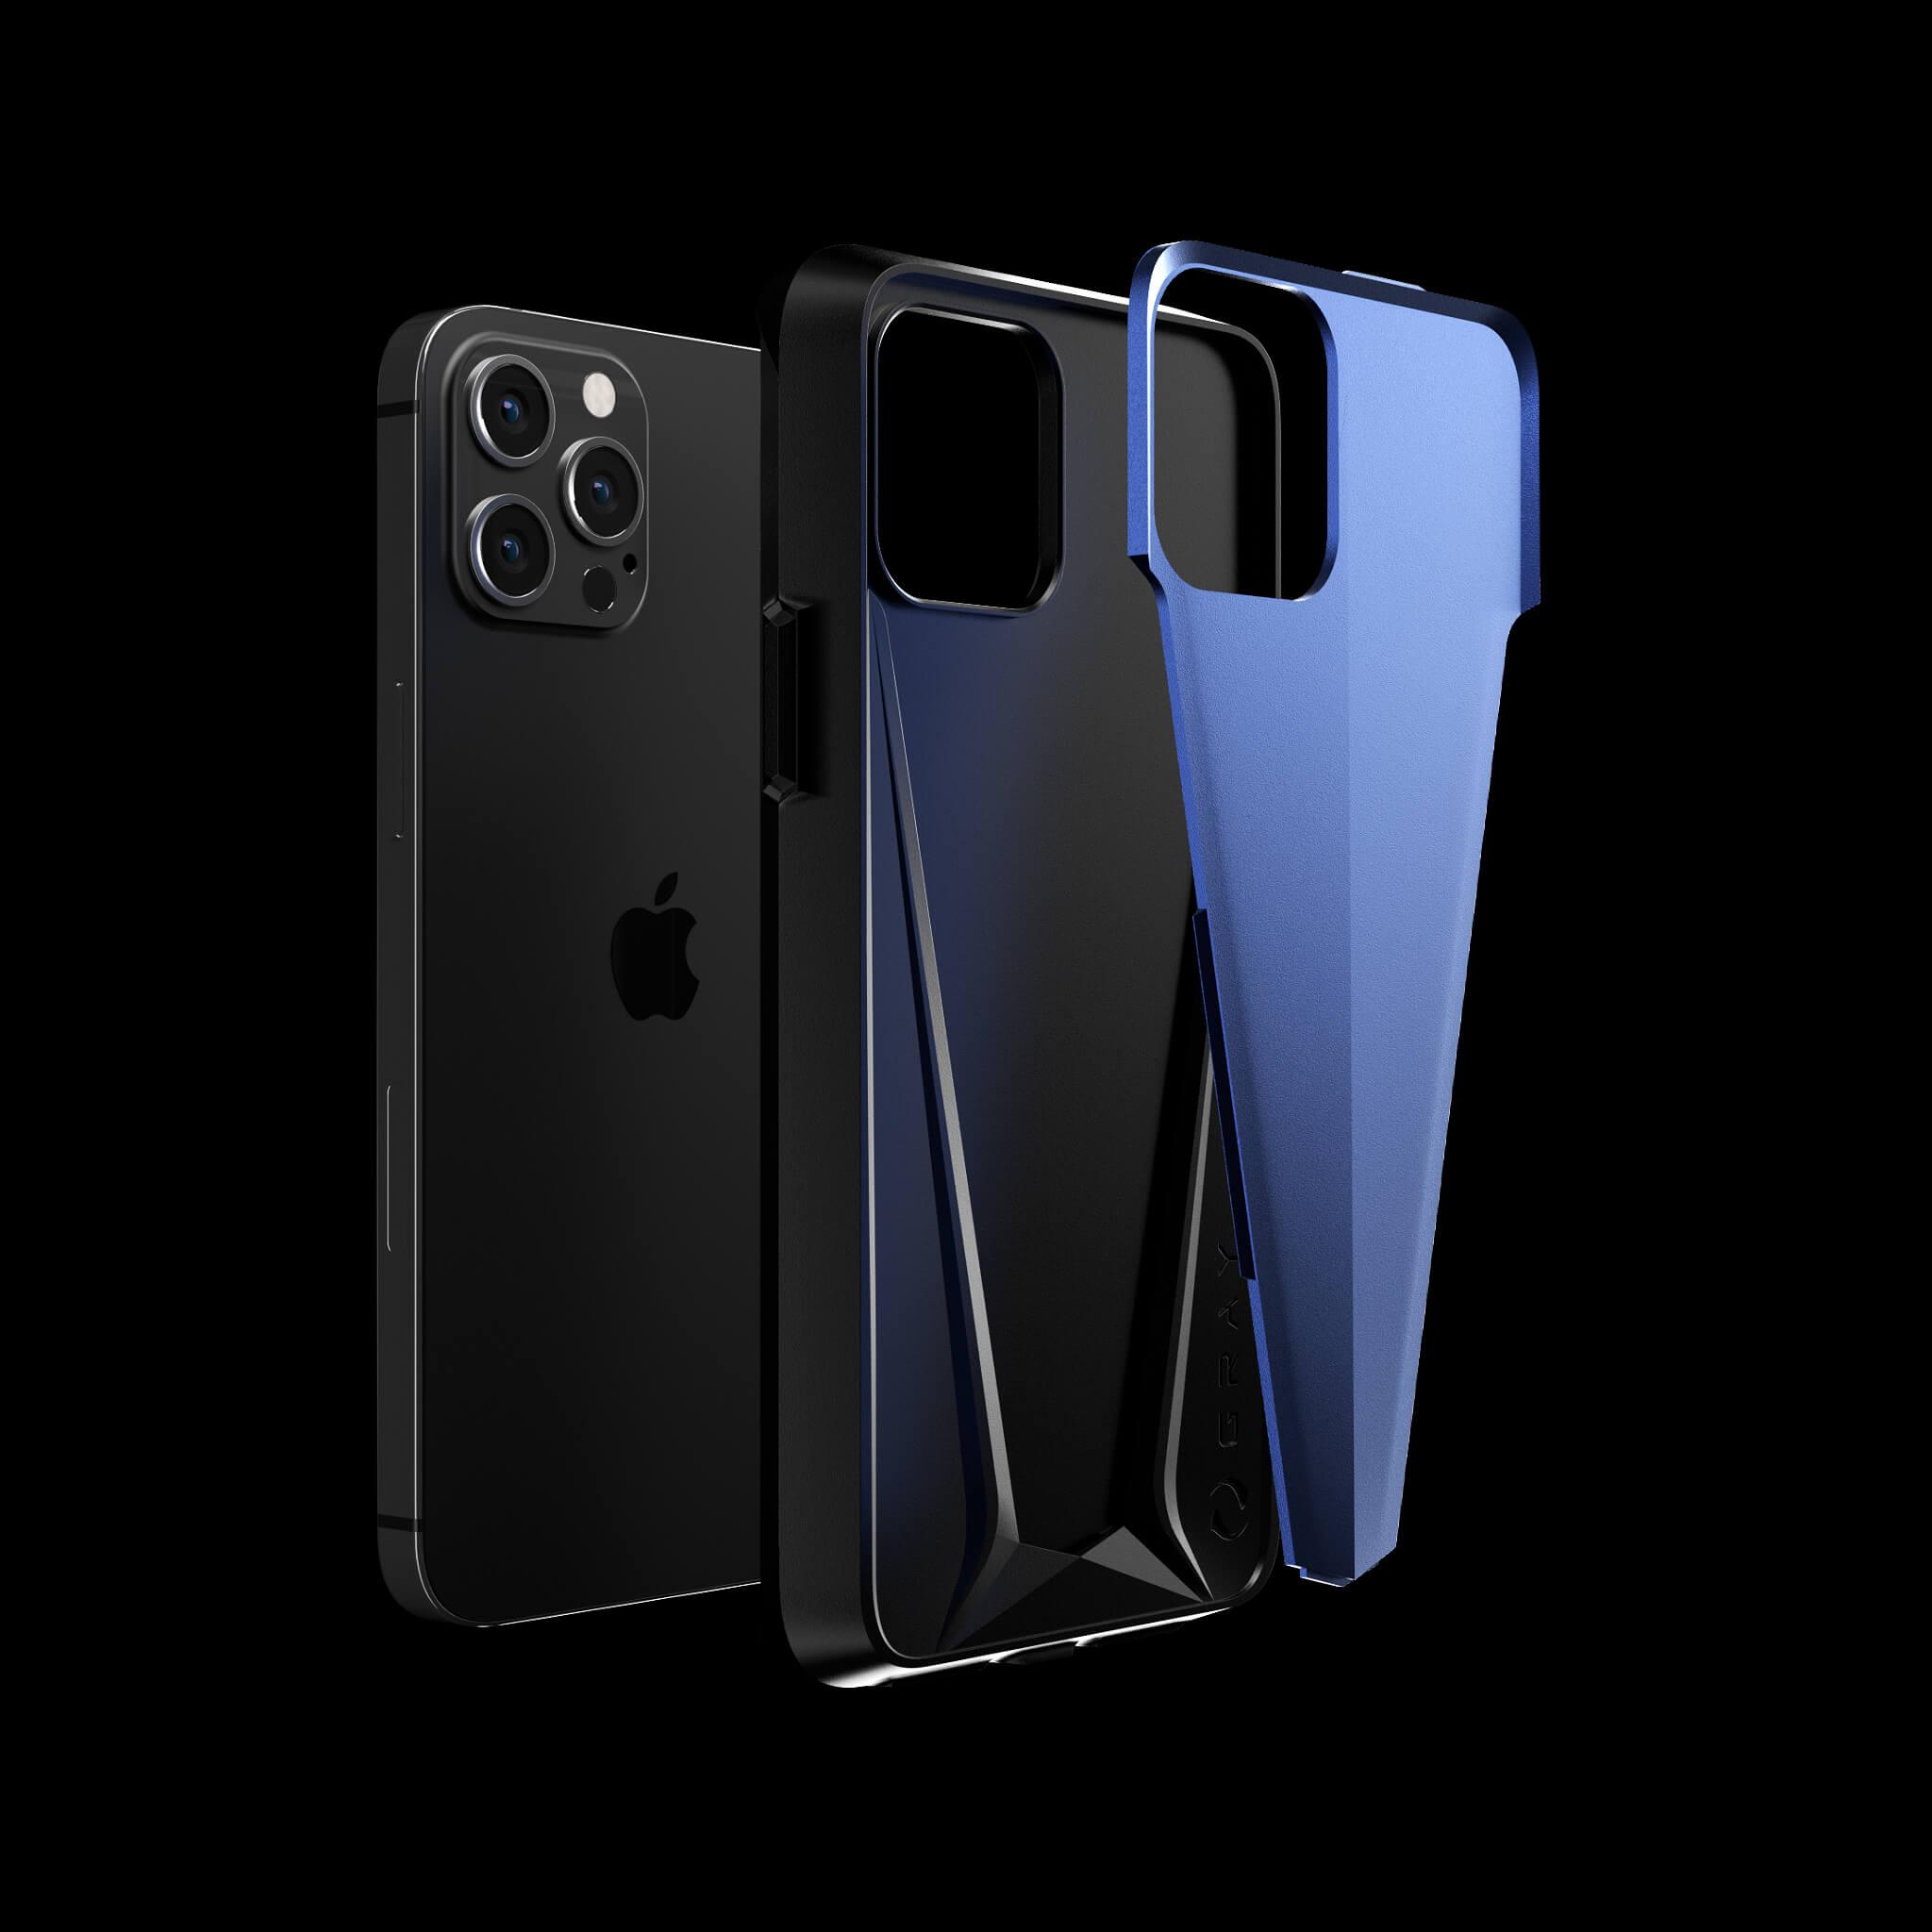 morpheus galactic blue aluminium metal luxury iPhone 12 pro case